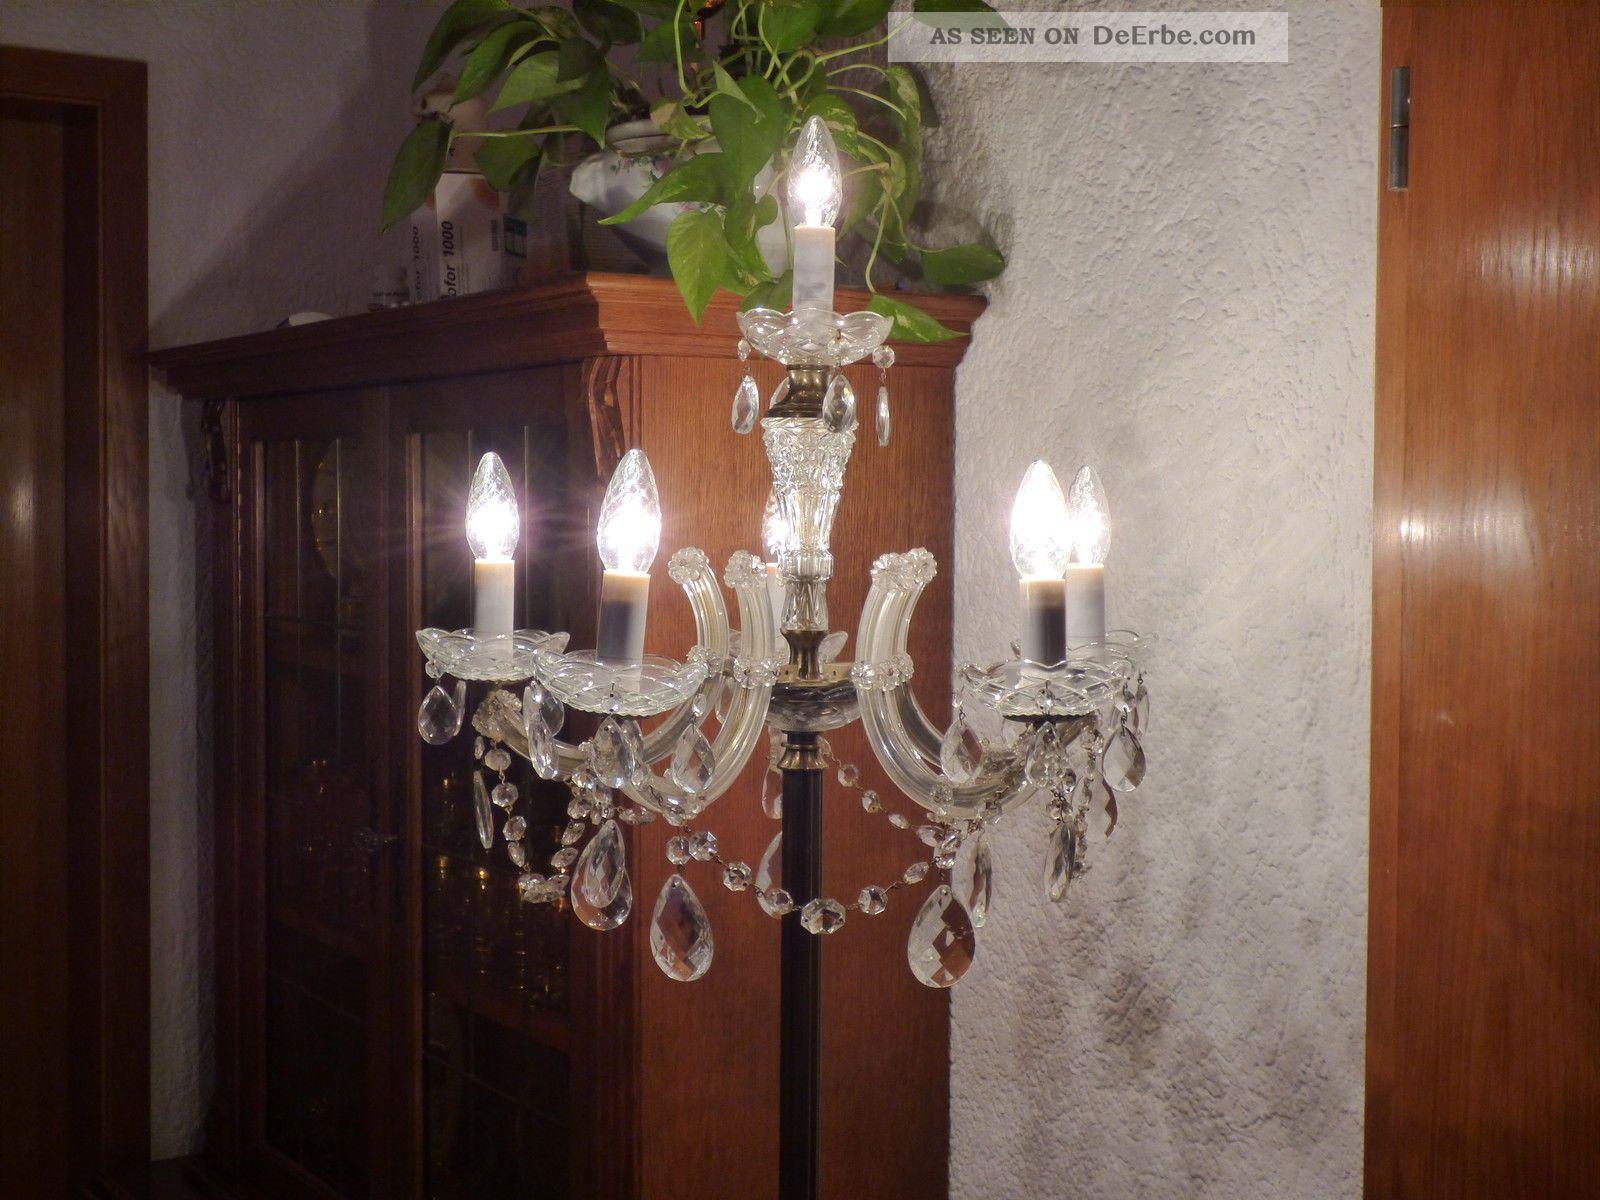 Full Size of Wunderschne Antike Messing Kristall Stehlampe 6 Flammig Schlafzimmer Wohnzimmer Stehlampen Wohnzimmer Kristall Stehlampe